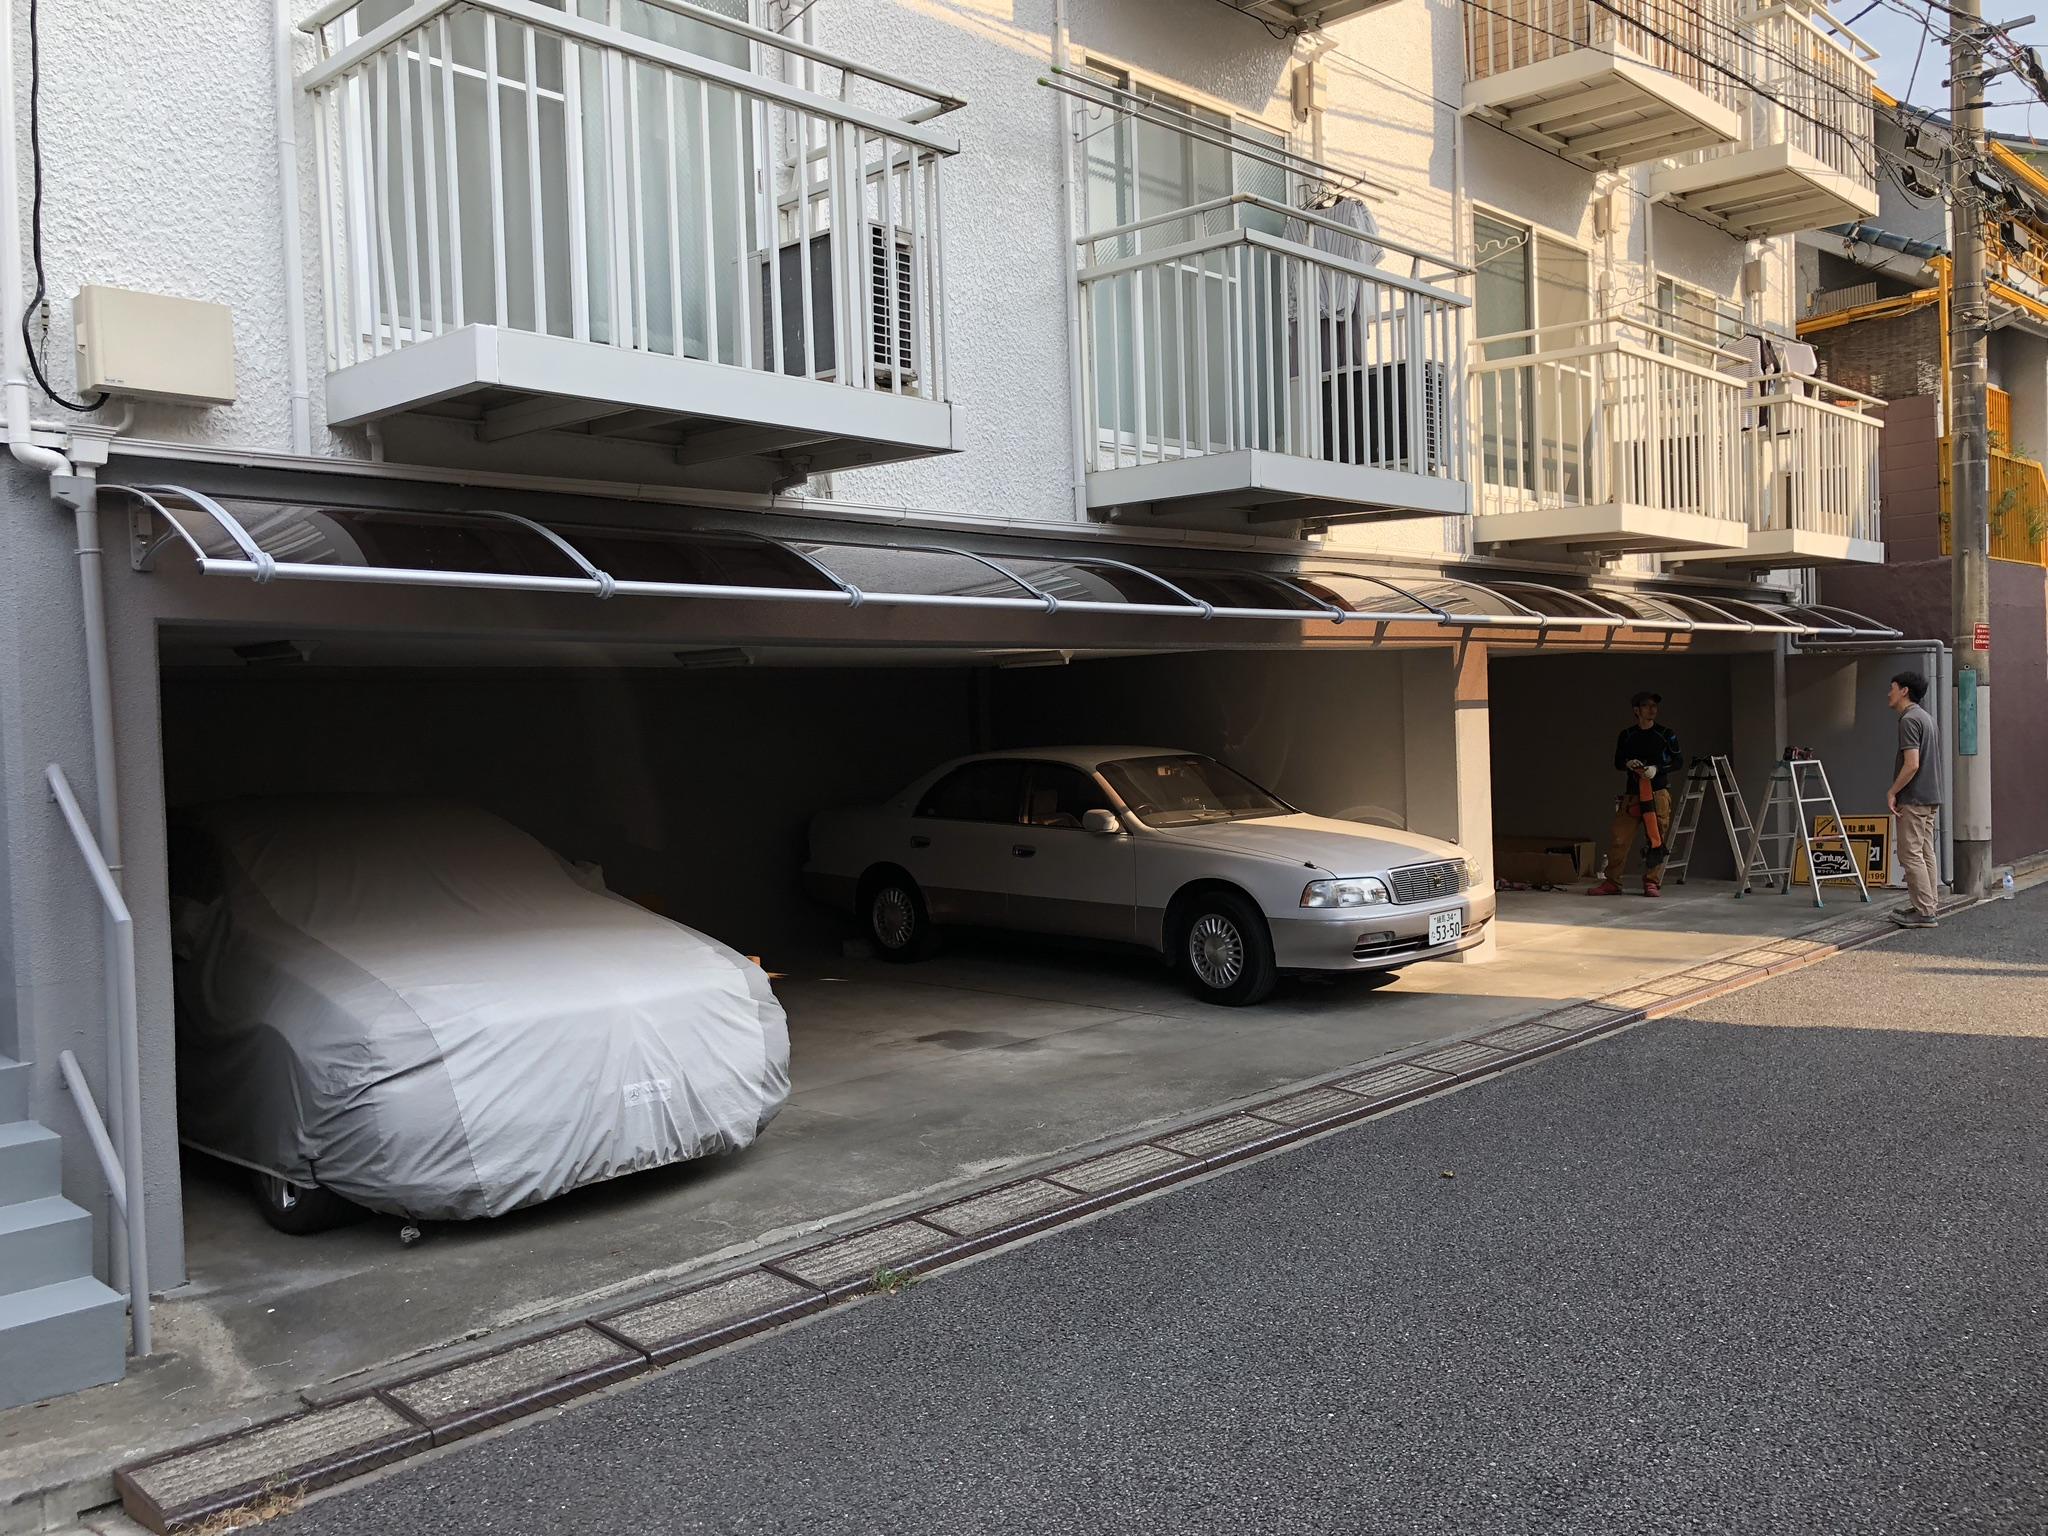 中野区のKアパートA棟B棟屋根外壁塗装・庇/ポスト/バイク置場改修工事